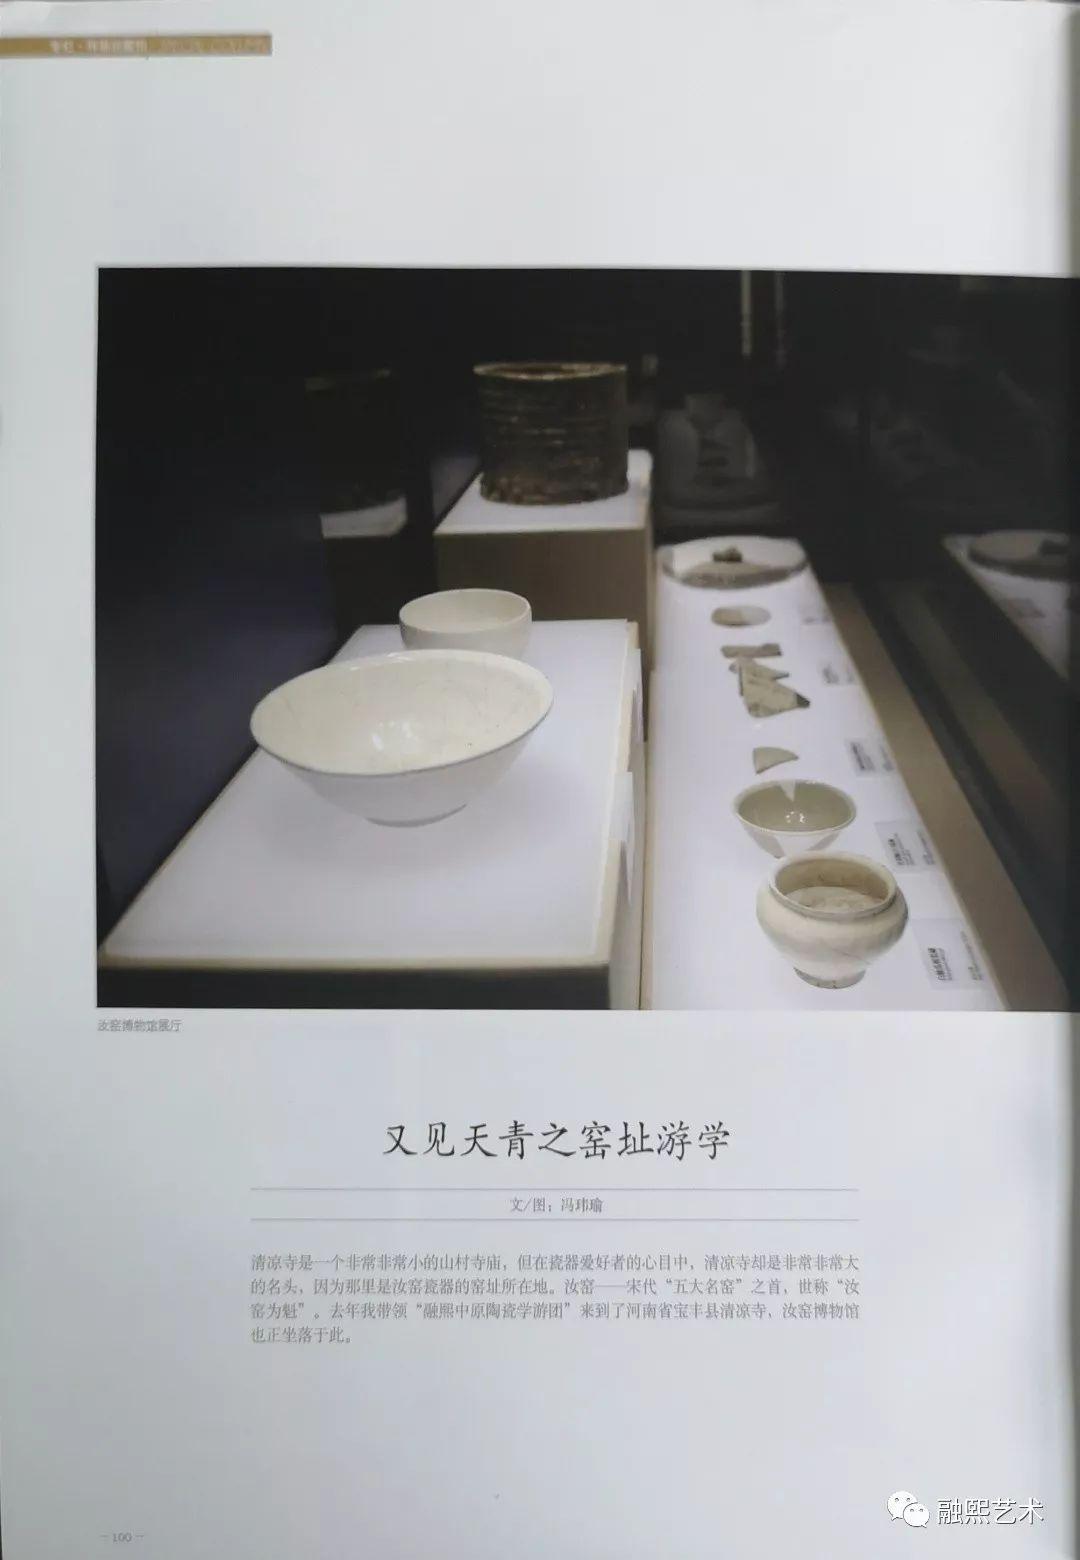 又见天青之窑址游学插图(16)